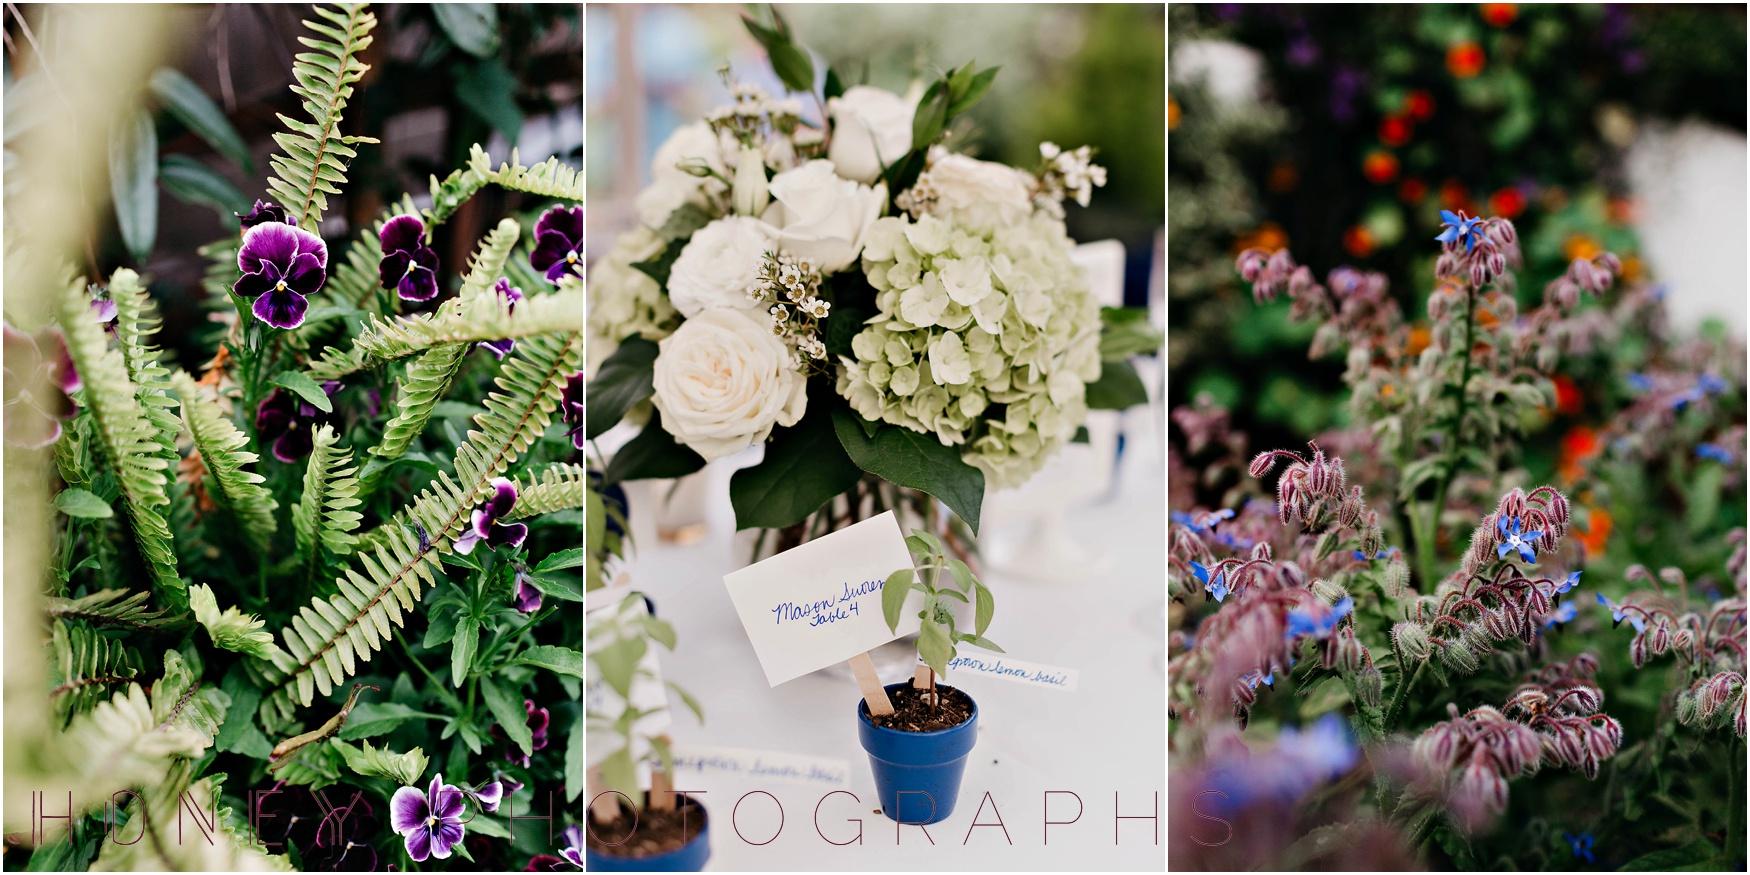 cambria-san-lois-obispo-wedding-garden-intimate44.jpg